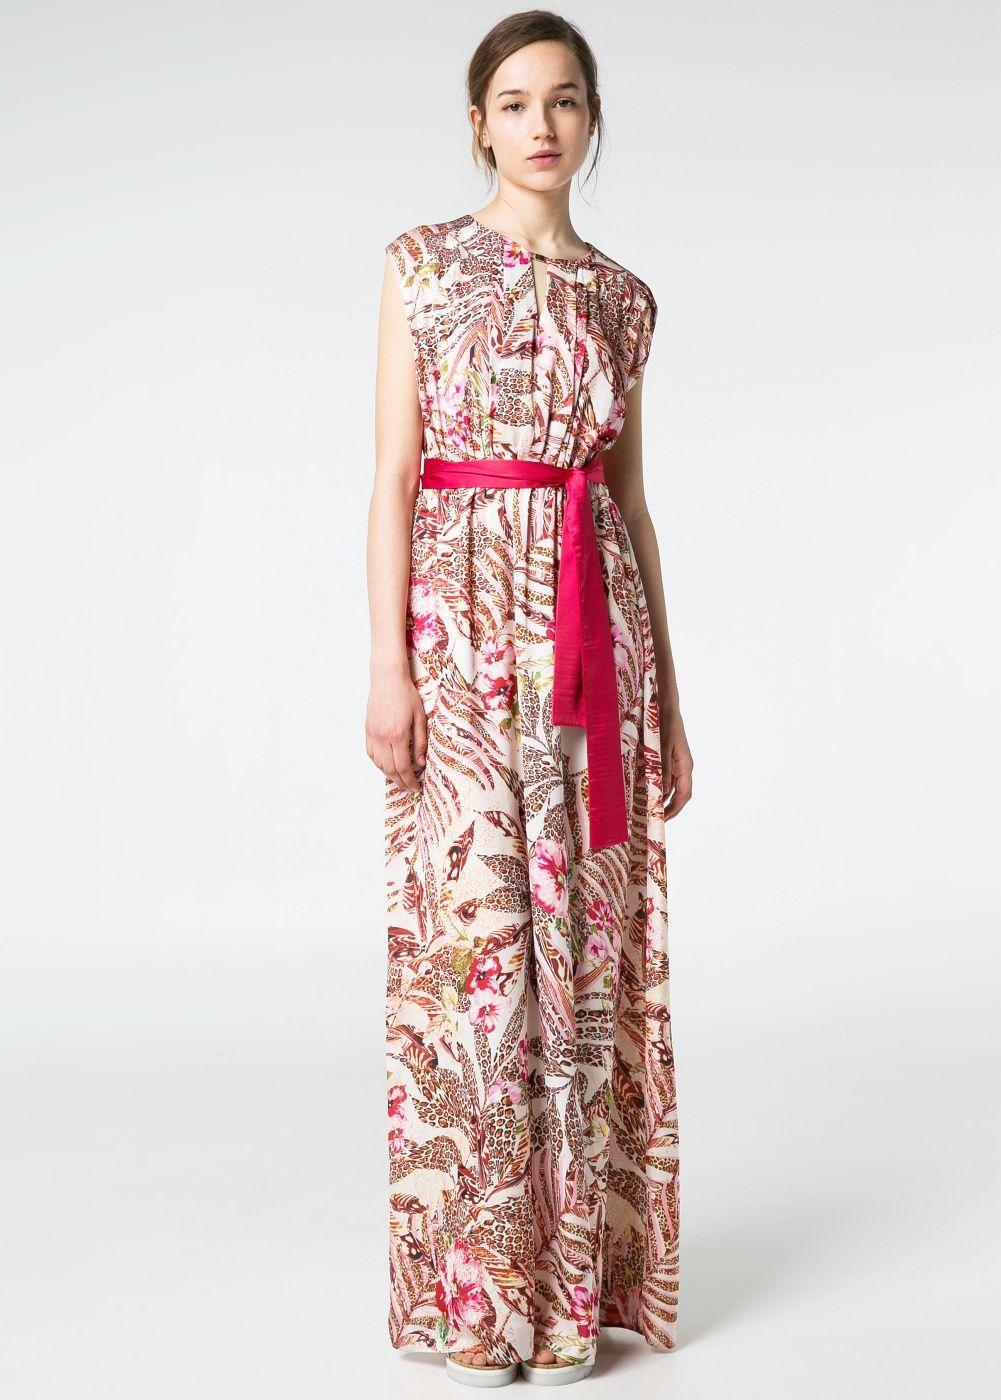 Vestido estampados combinados - Mujer | Pinterest | Estampado, Mango ...